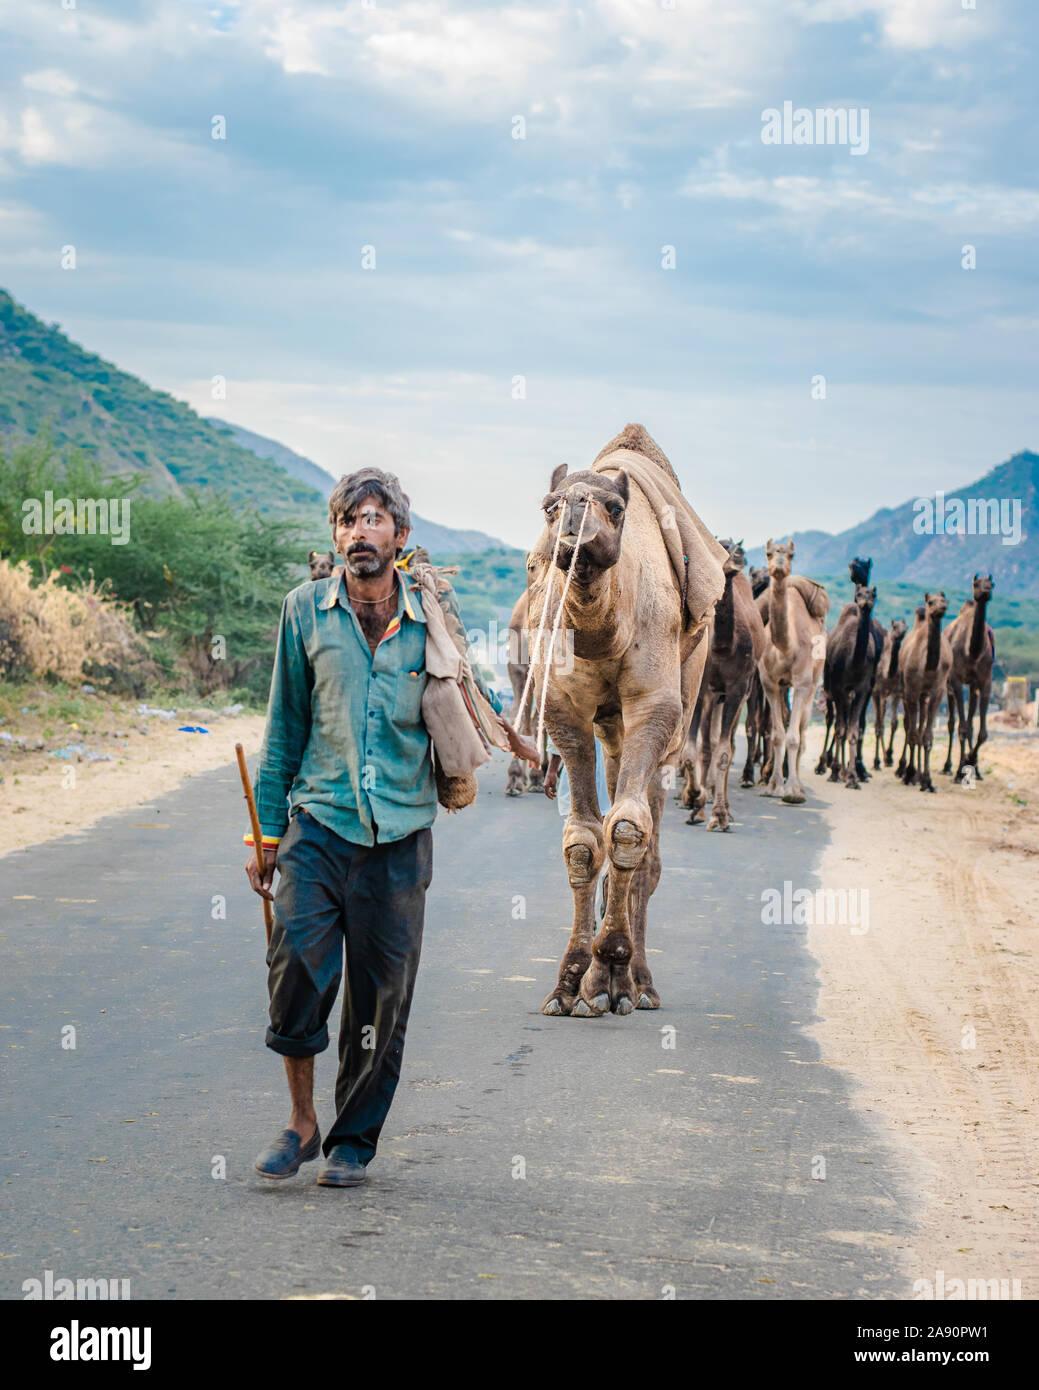 Los comerciantes de camellos regresan del bosque del desierto con su caravana a la feria anual de camellos en Pushkar, Rajasthan. Foto de stock